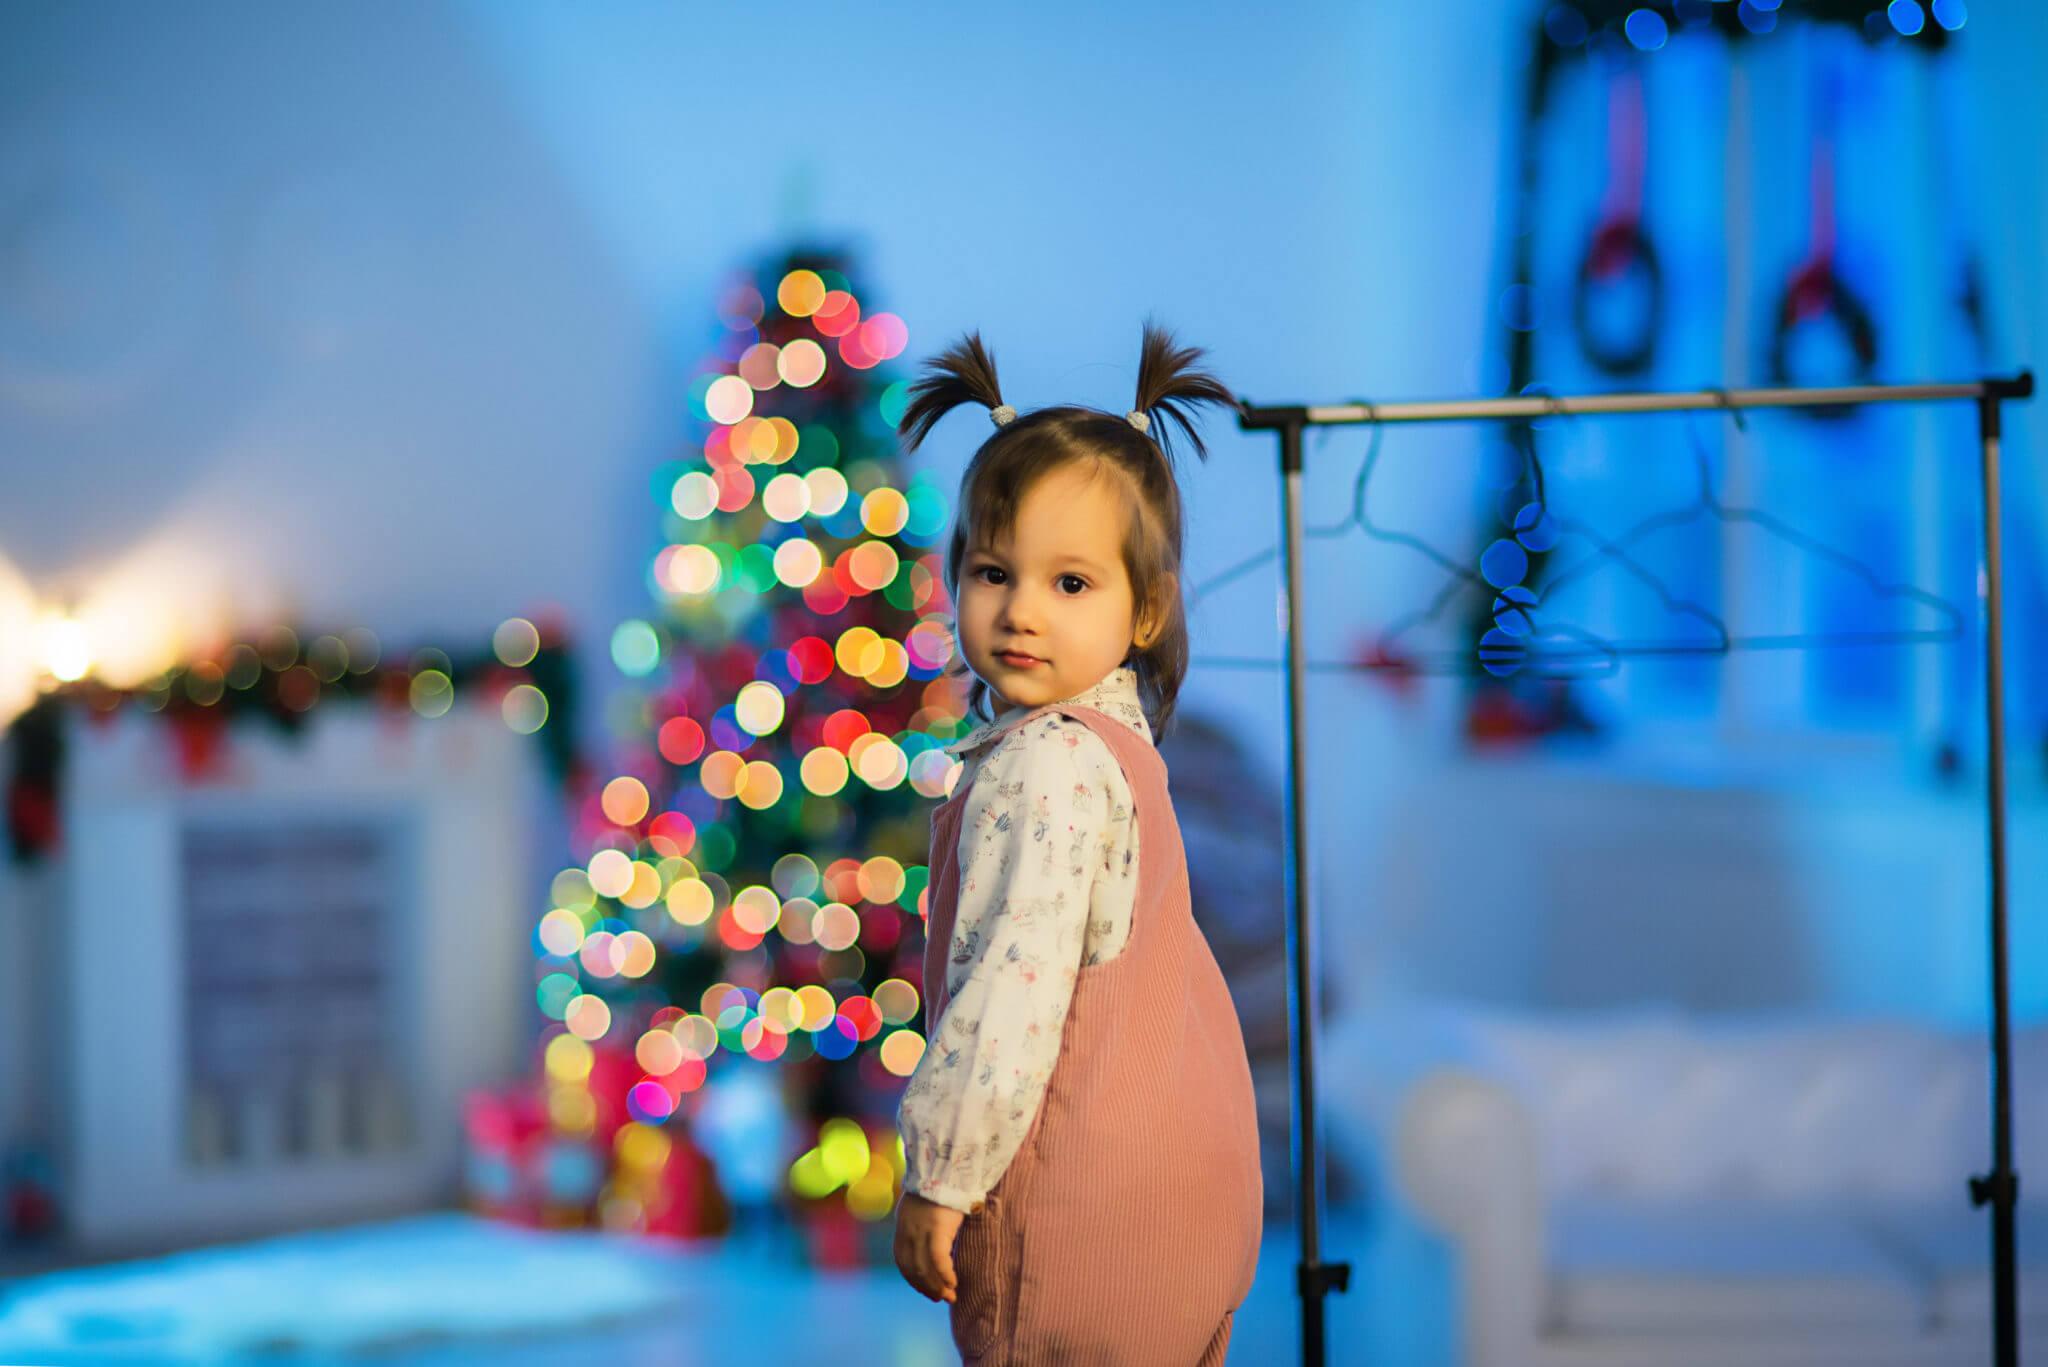 Новогодняя фотосессия, ребенок на фоне горящей новогодней елки